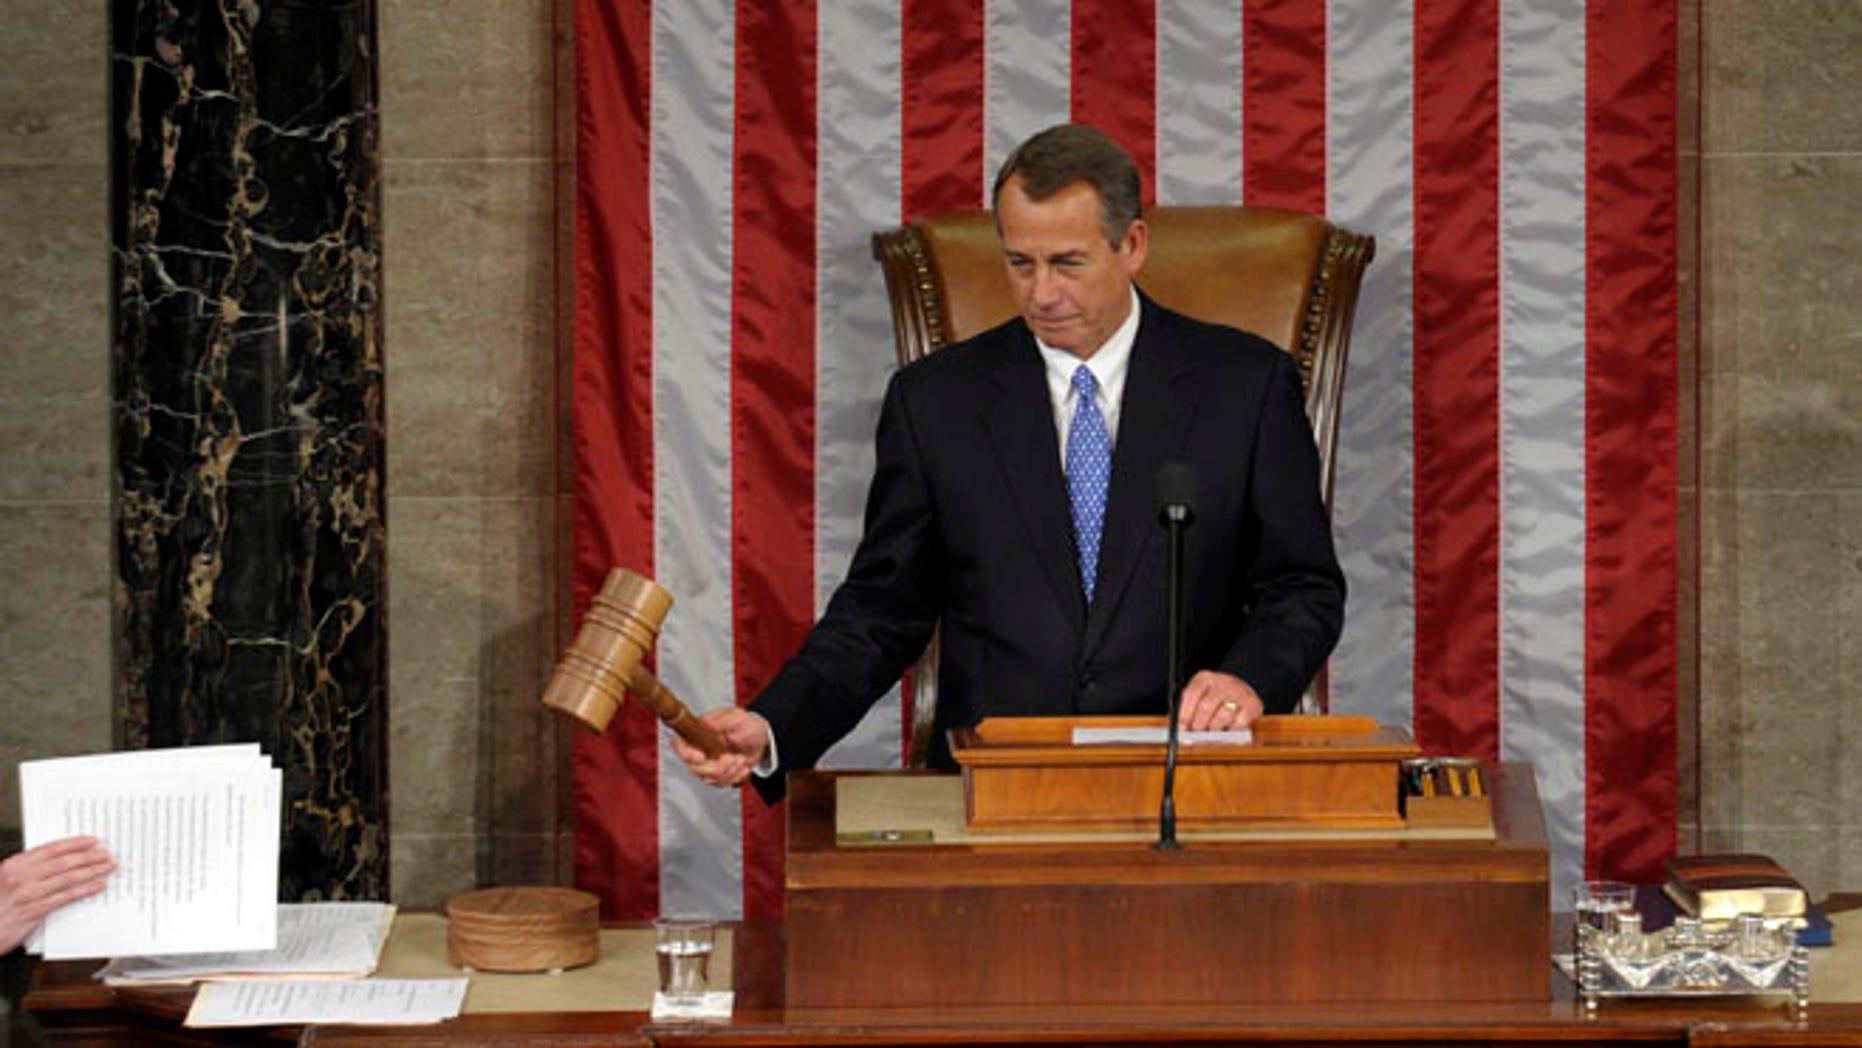 House Speaker Sen. John Boehner, R-Iowa